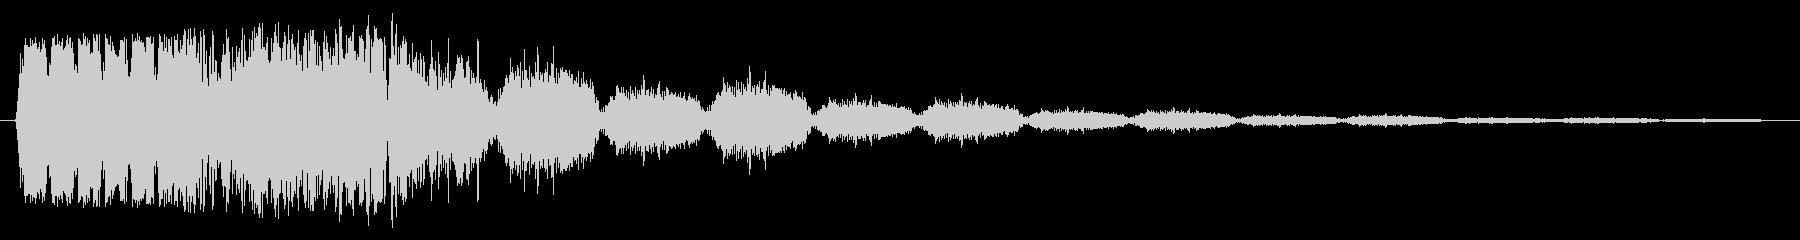 ハンマーヒットの未再生の波形